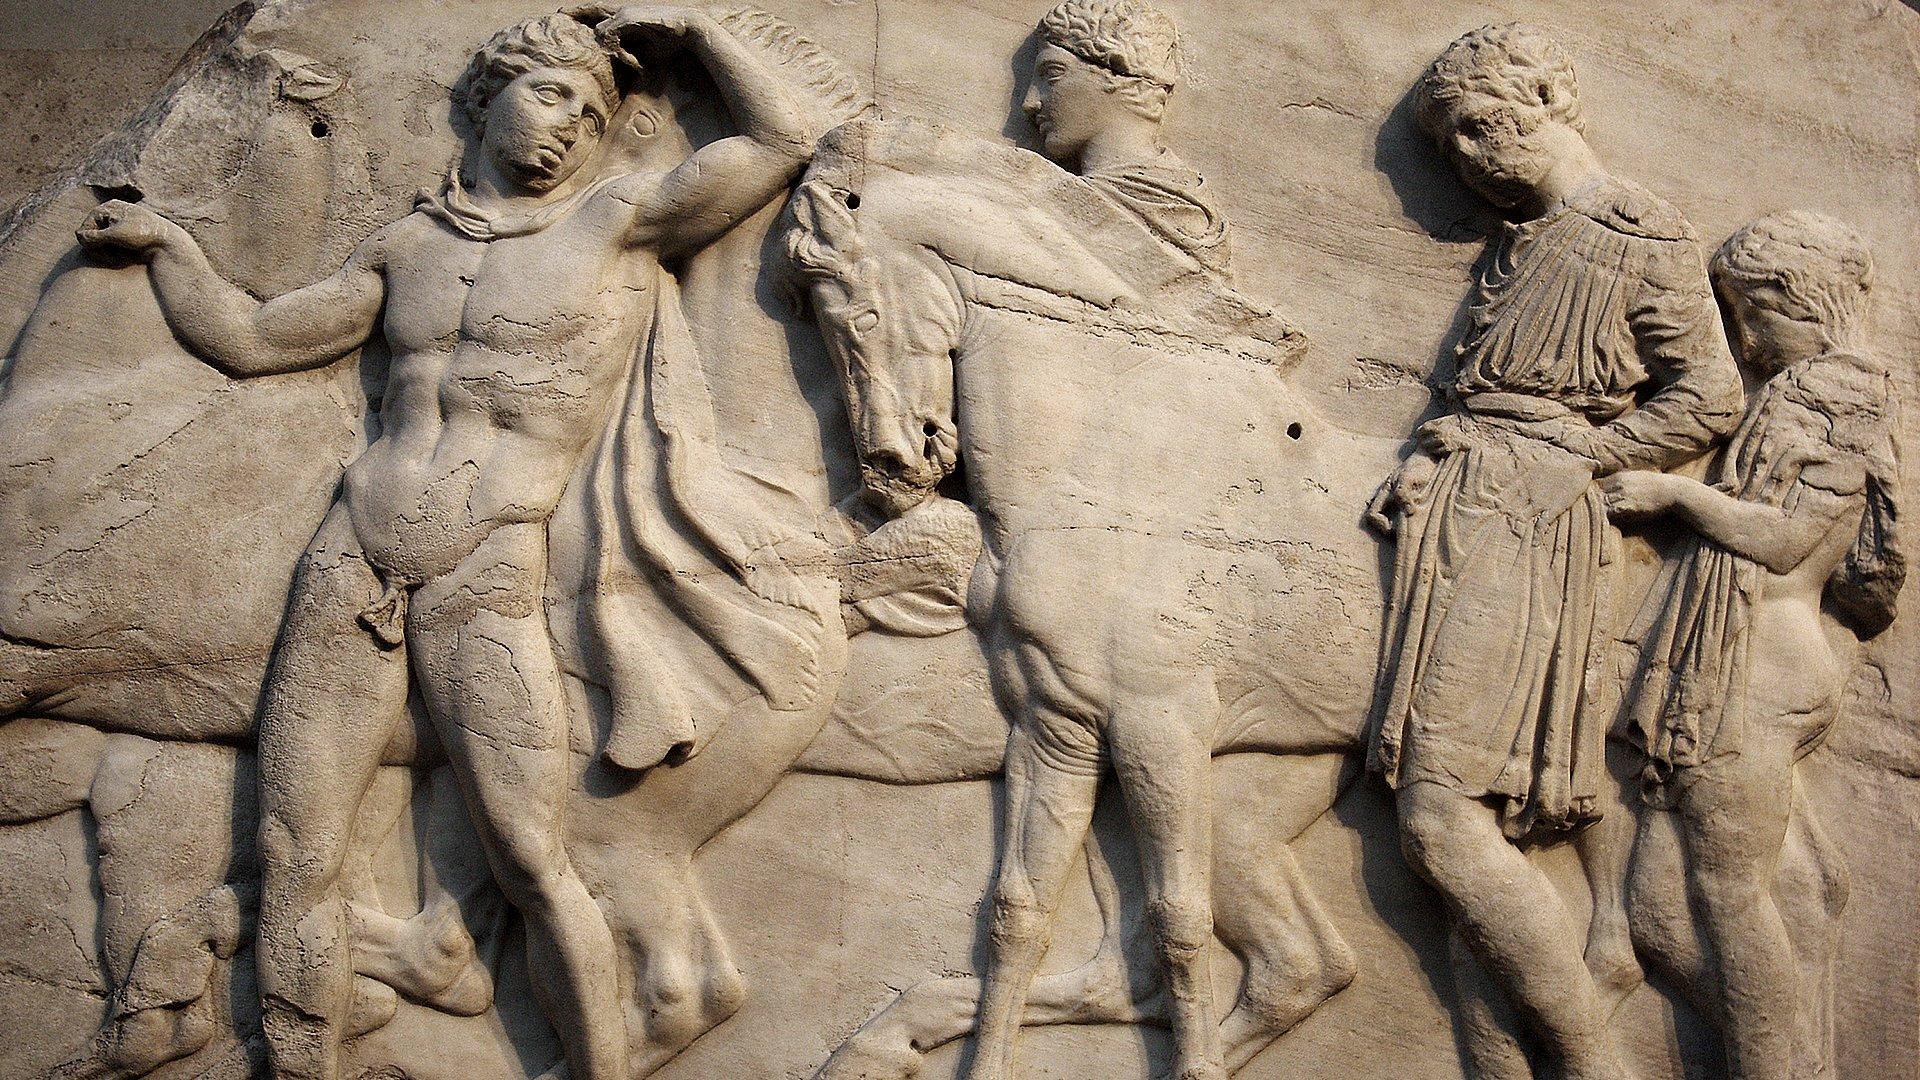 Los escultores griegos del siglo V a. C.